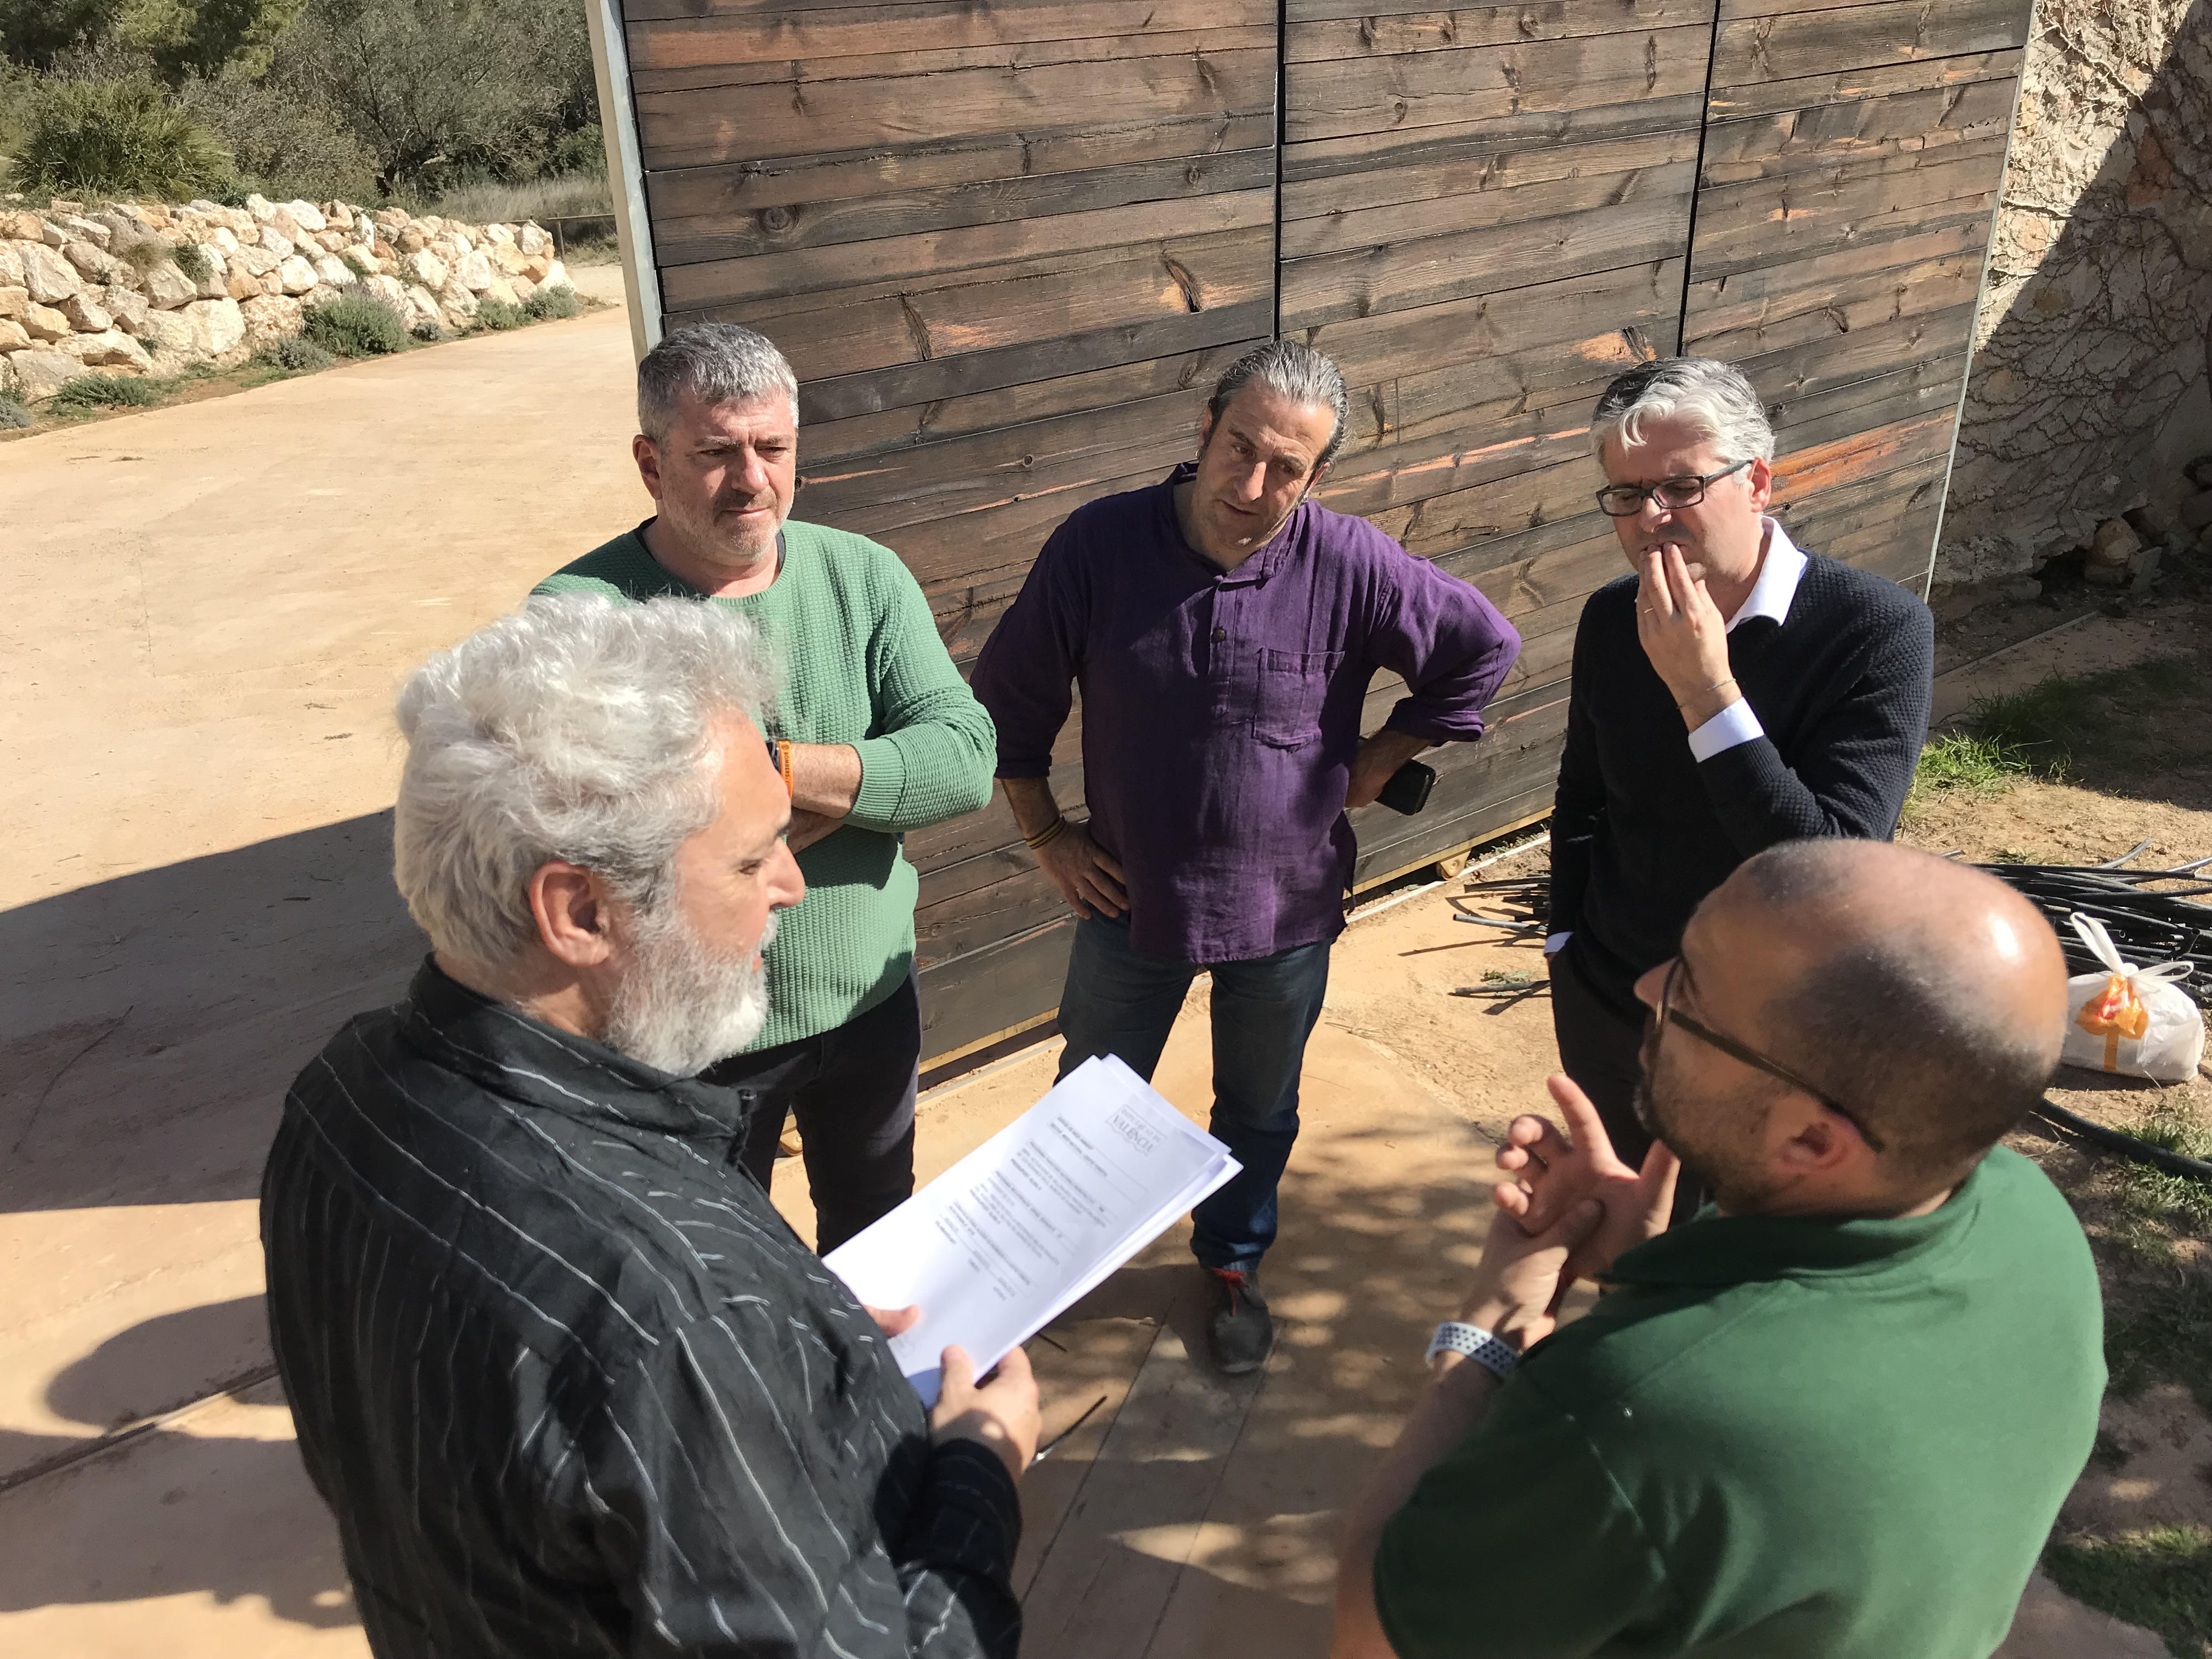 El diputado de Medio Ambiente, Josep Bort, ha visitado este paraje acompañado por el alcalde del municipio, Jesús Montesinos